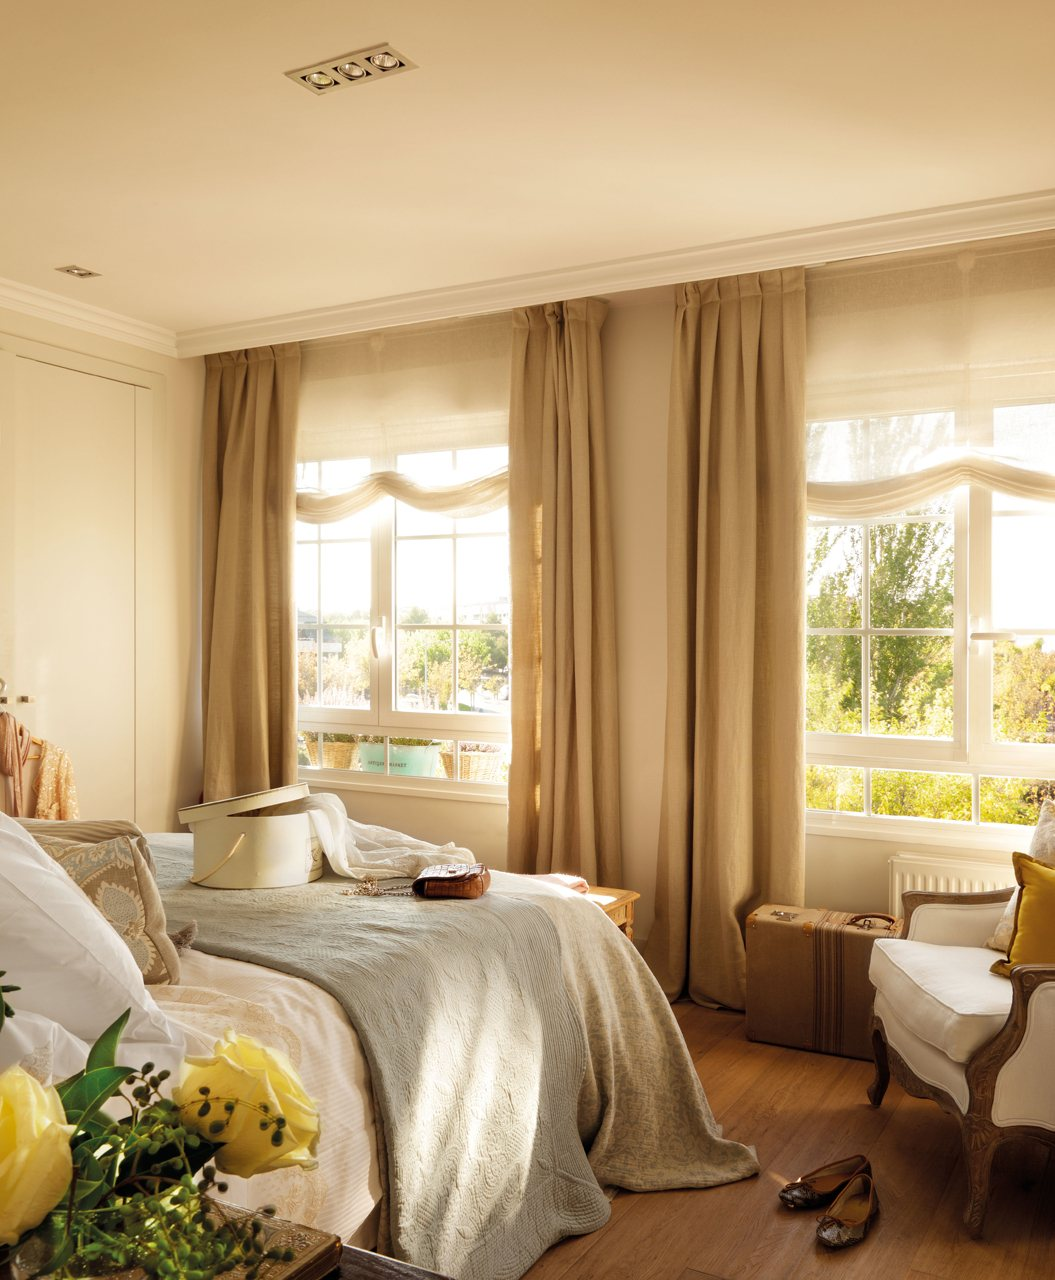 Primer piso de la interiorista beatriz silveira for Cortinas dormitorio principal